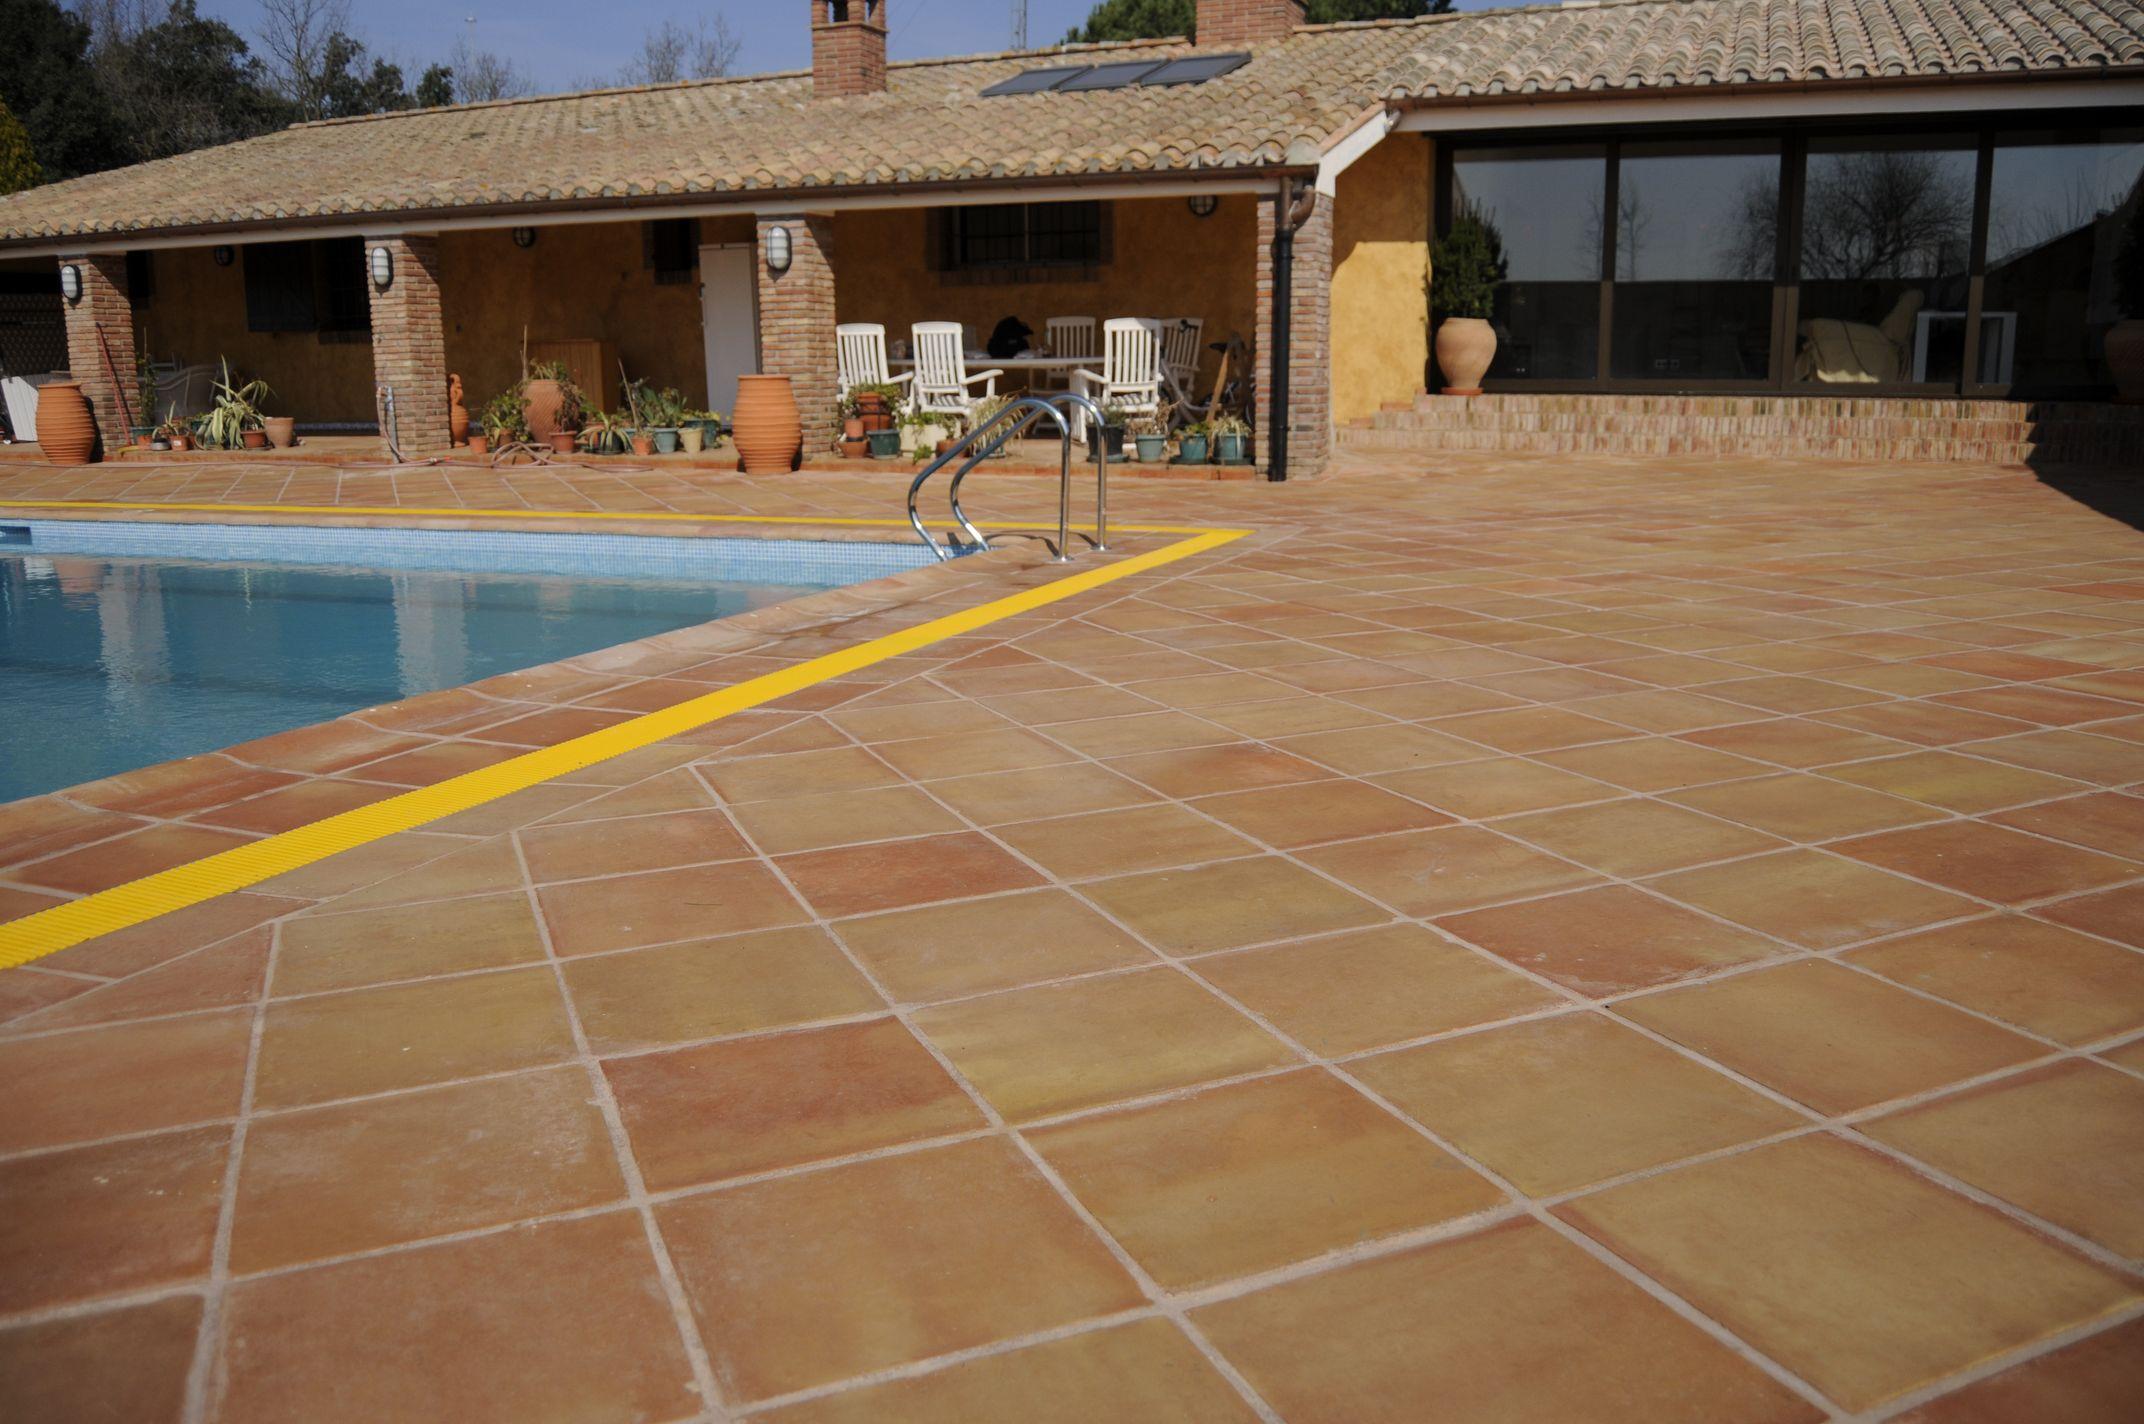 11 Terracotta Swimming Pool Floor Tiles in Pakistan Pak Clay Industry Floor Tiles Catalogue.